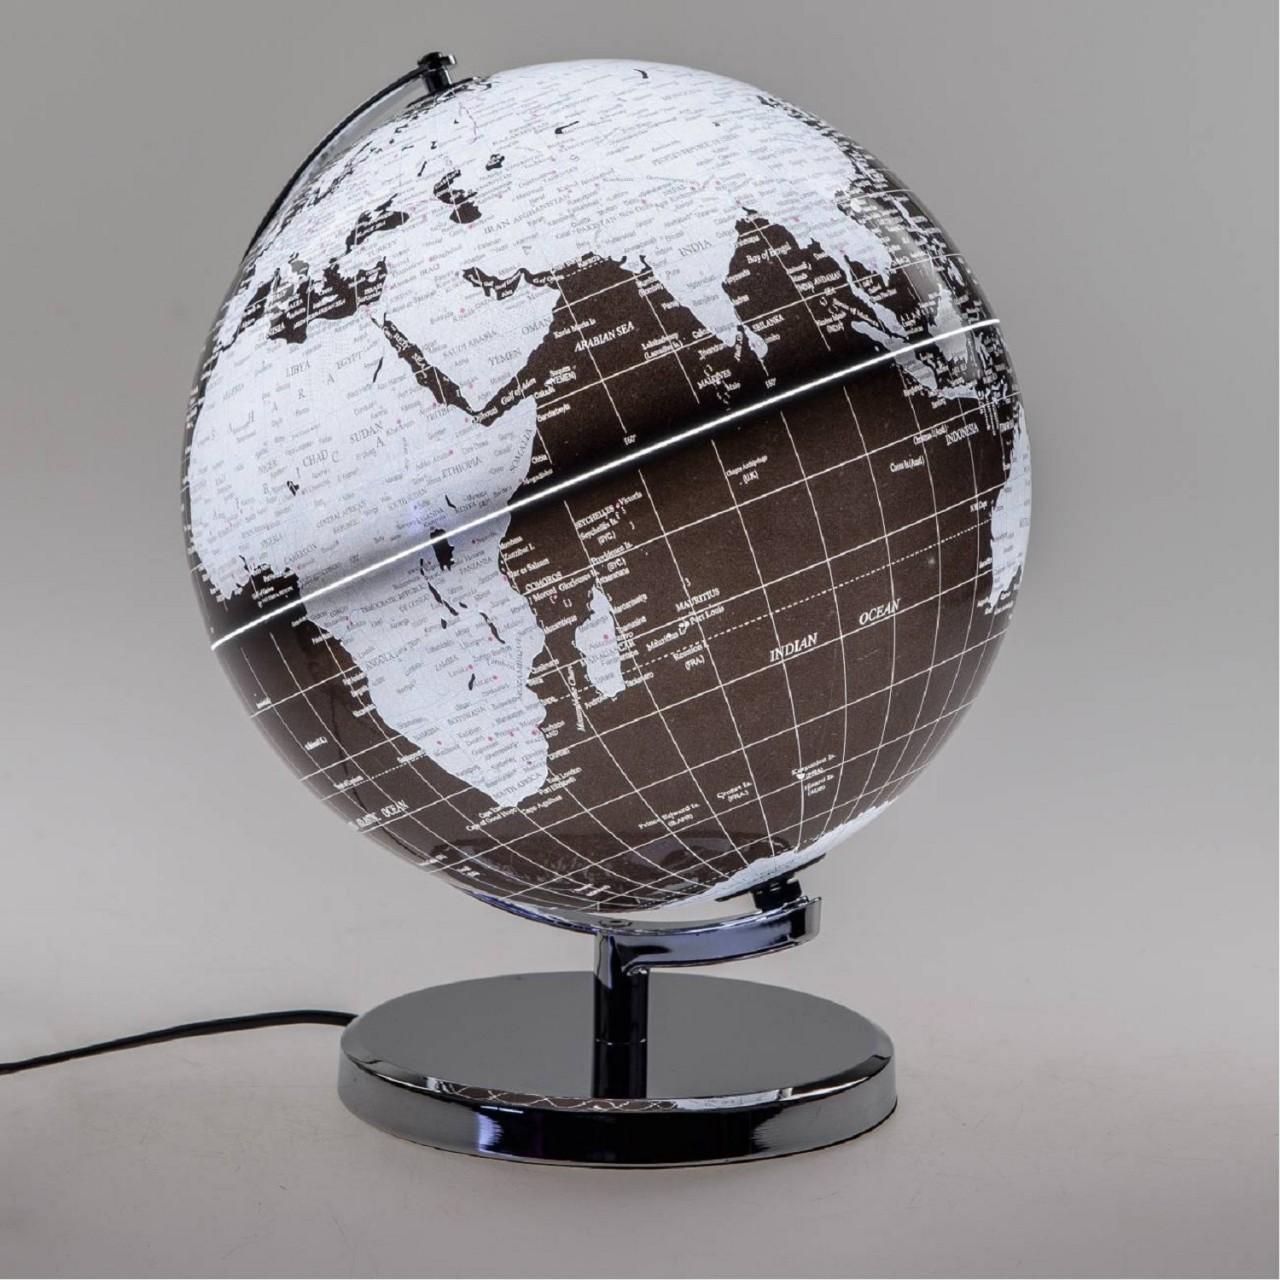 Dekoobjekt, Lampe Globus D. 30cm mit Licht schwarz silber Formano